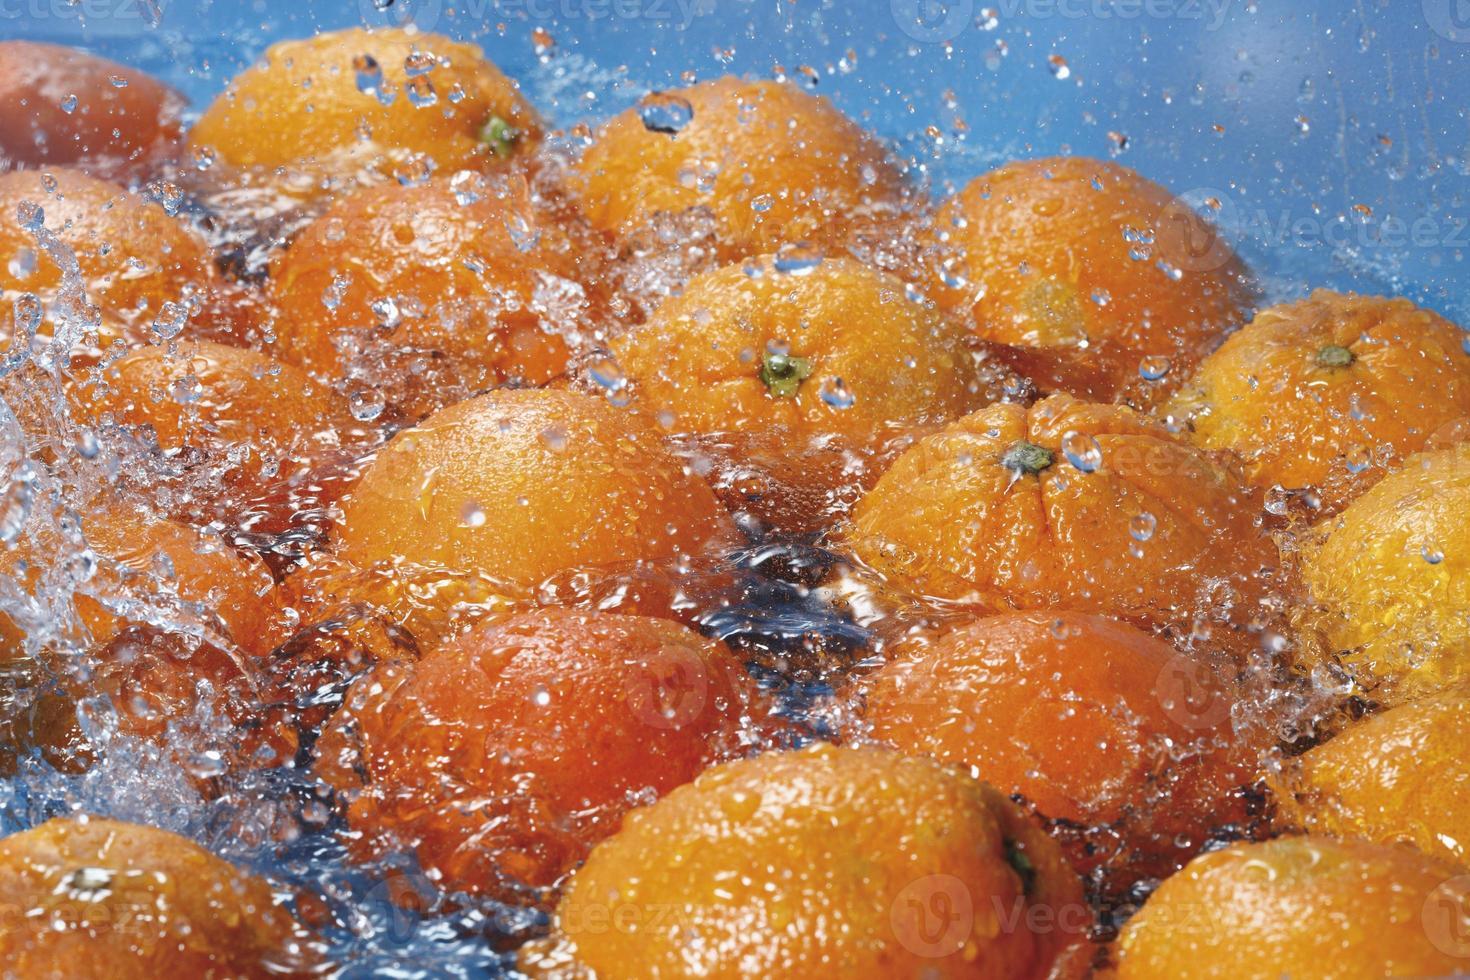 salpicaduras de agua sobre naranjas frescas foto